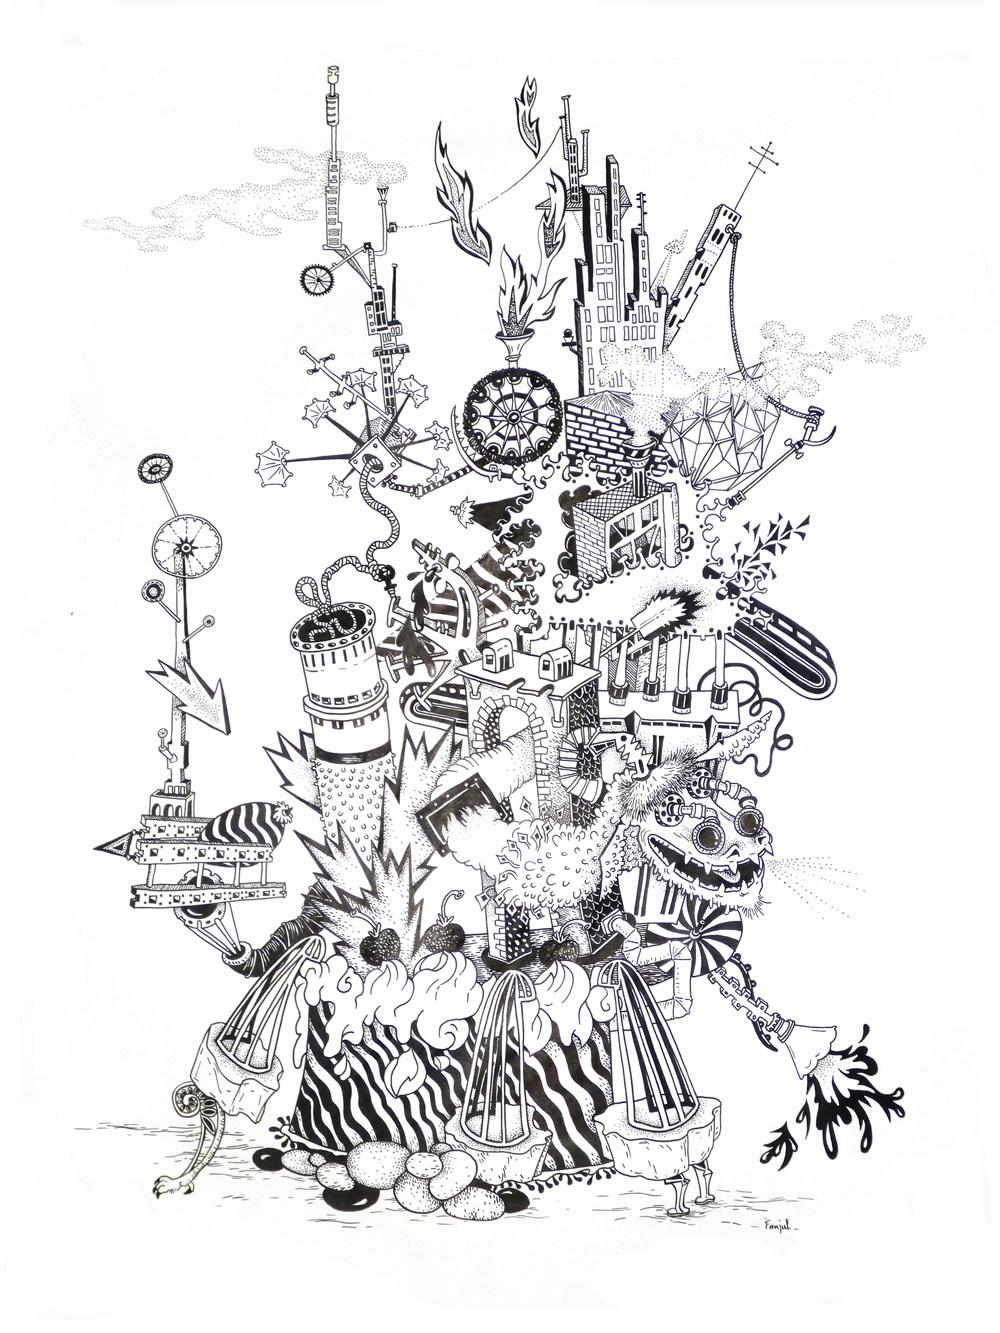 Tour aux cerises, marqueur Posca sur papier (35 x 45 cm)